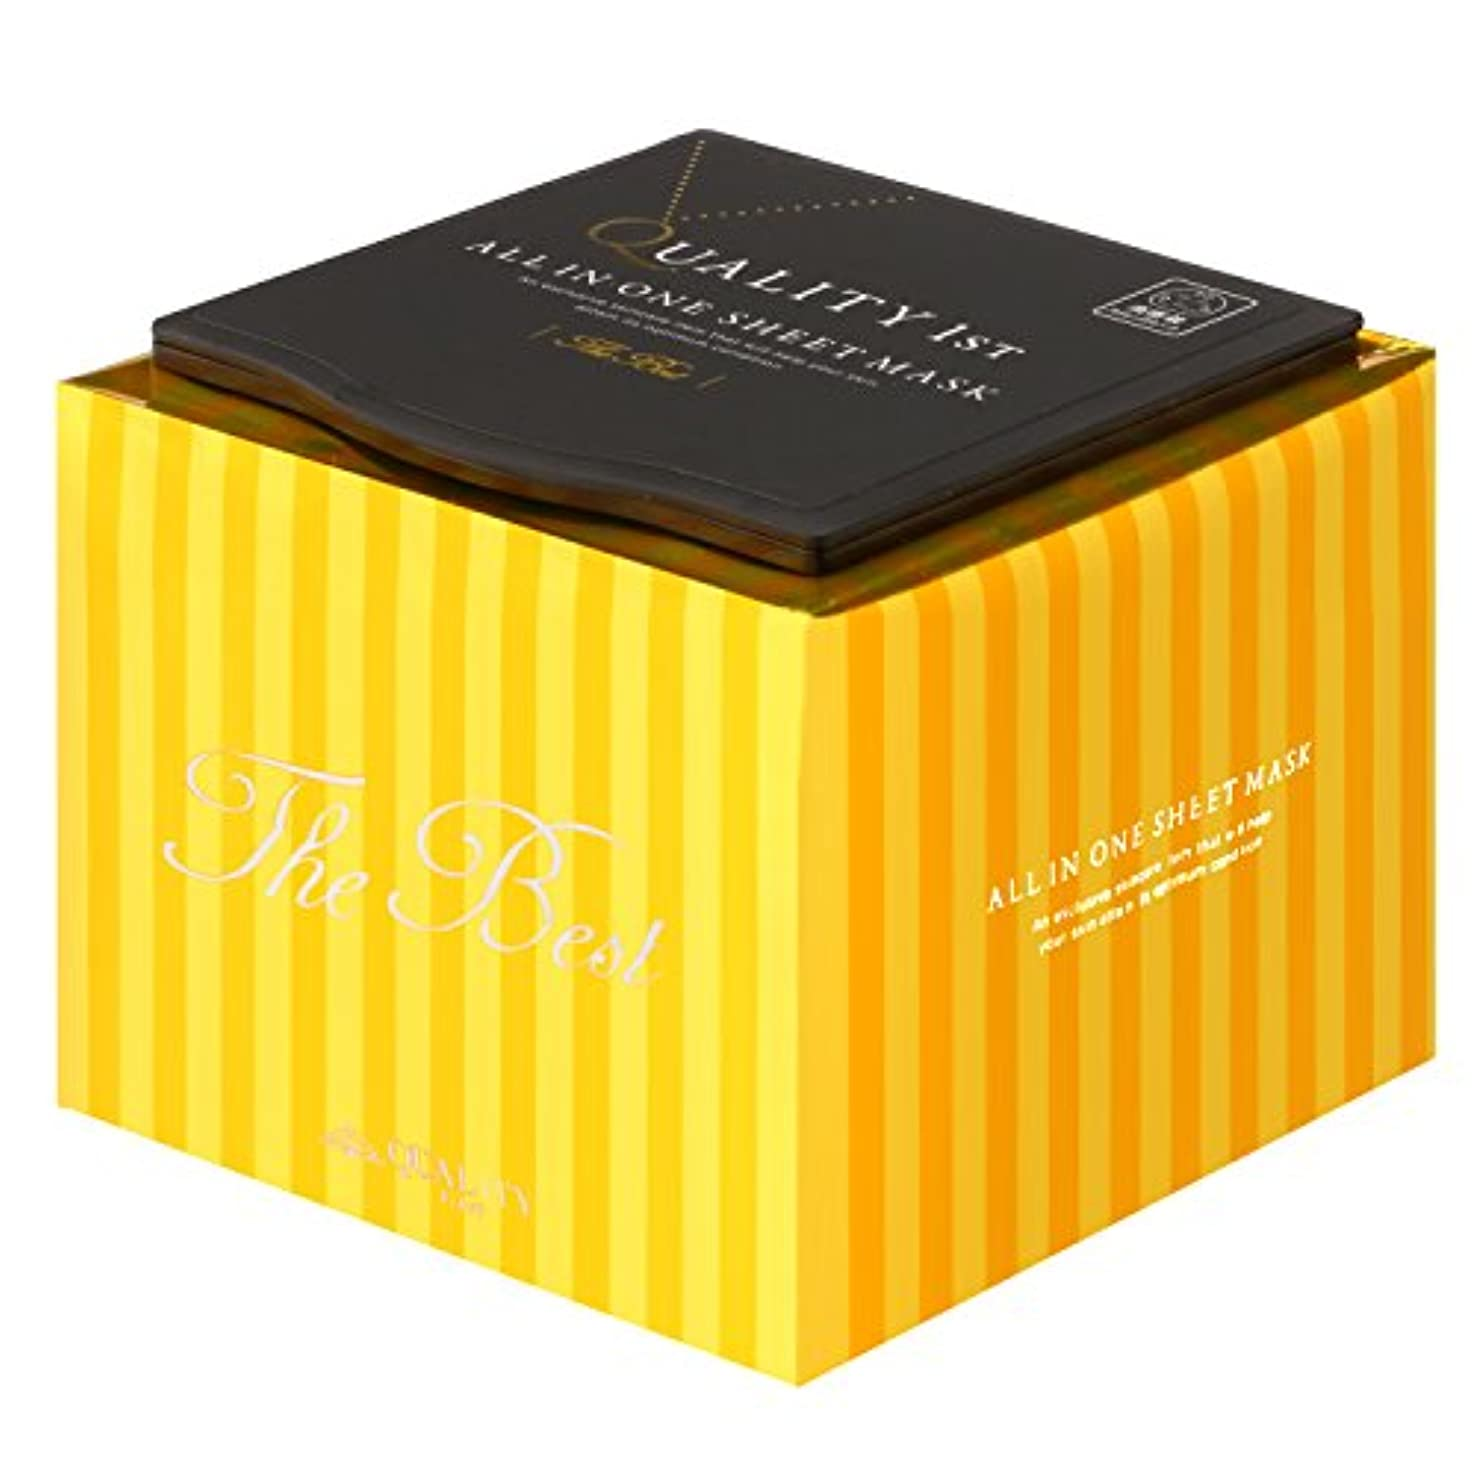 ダッシュドア石のオールインワンシートマスク ザ?ベストEX (30枚) BOX